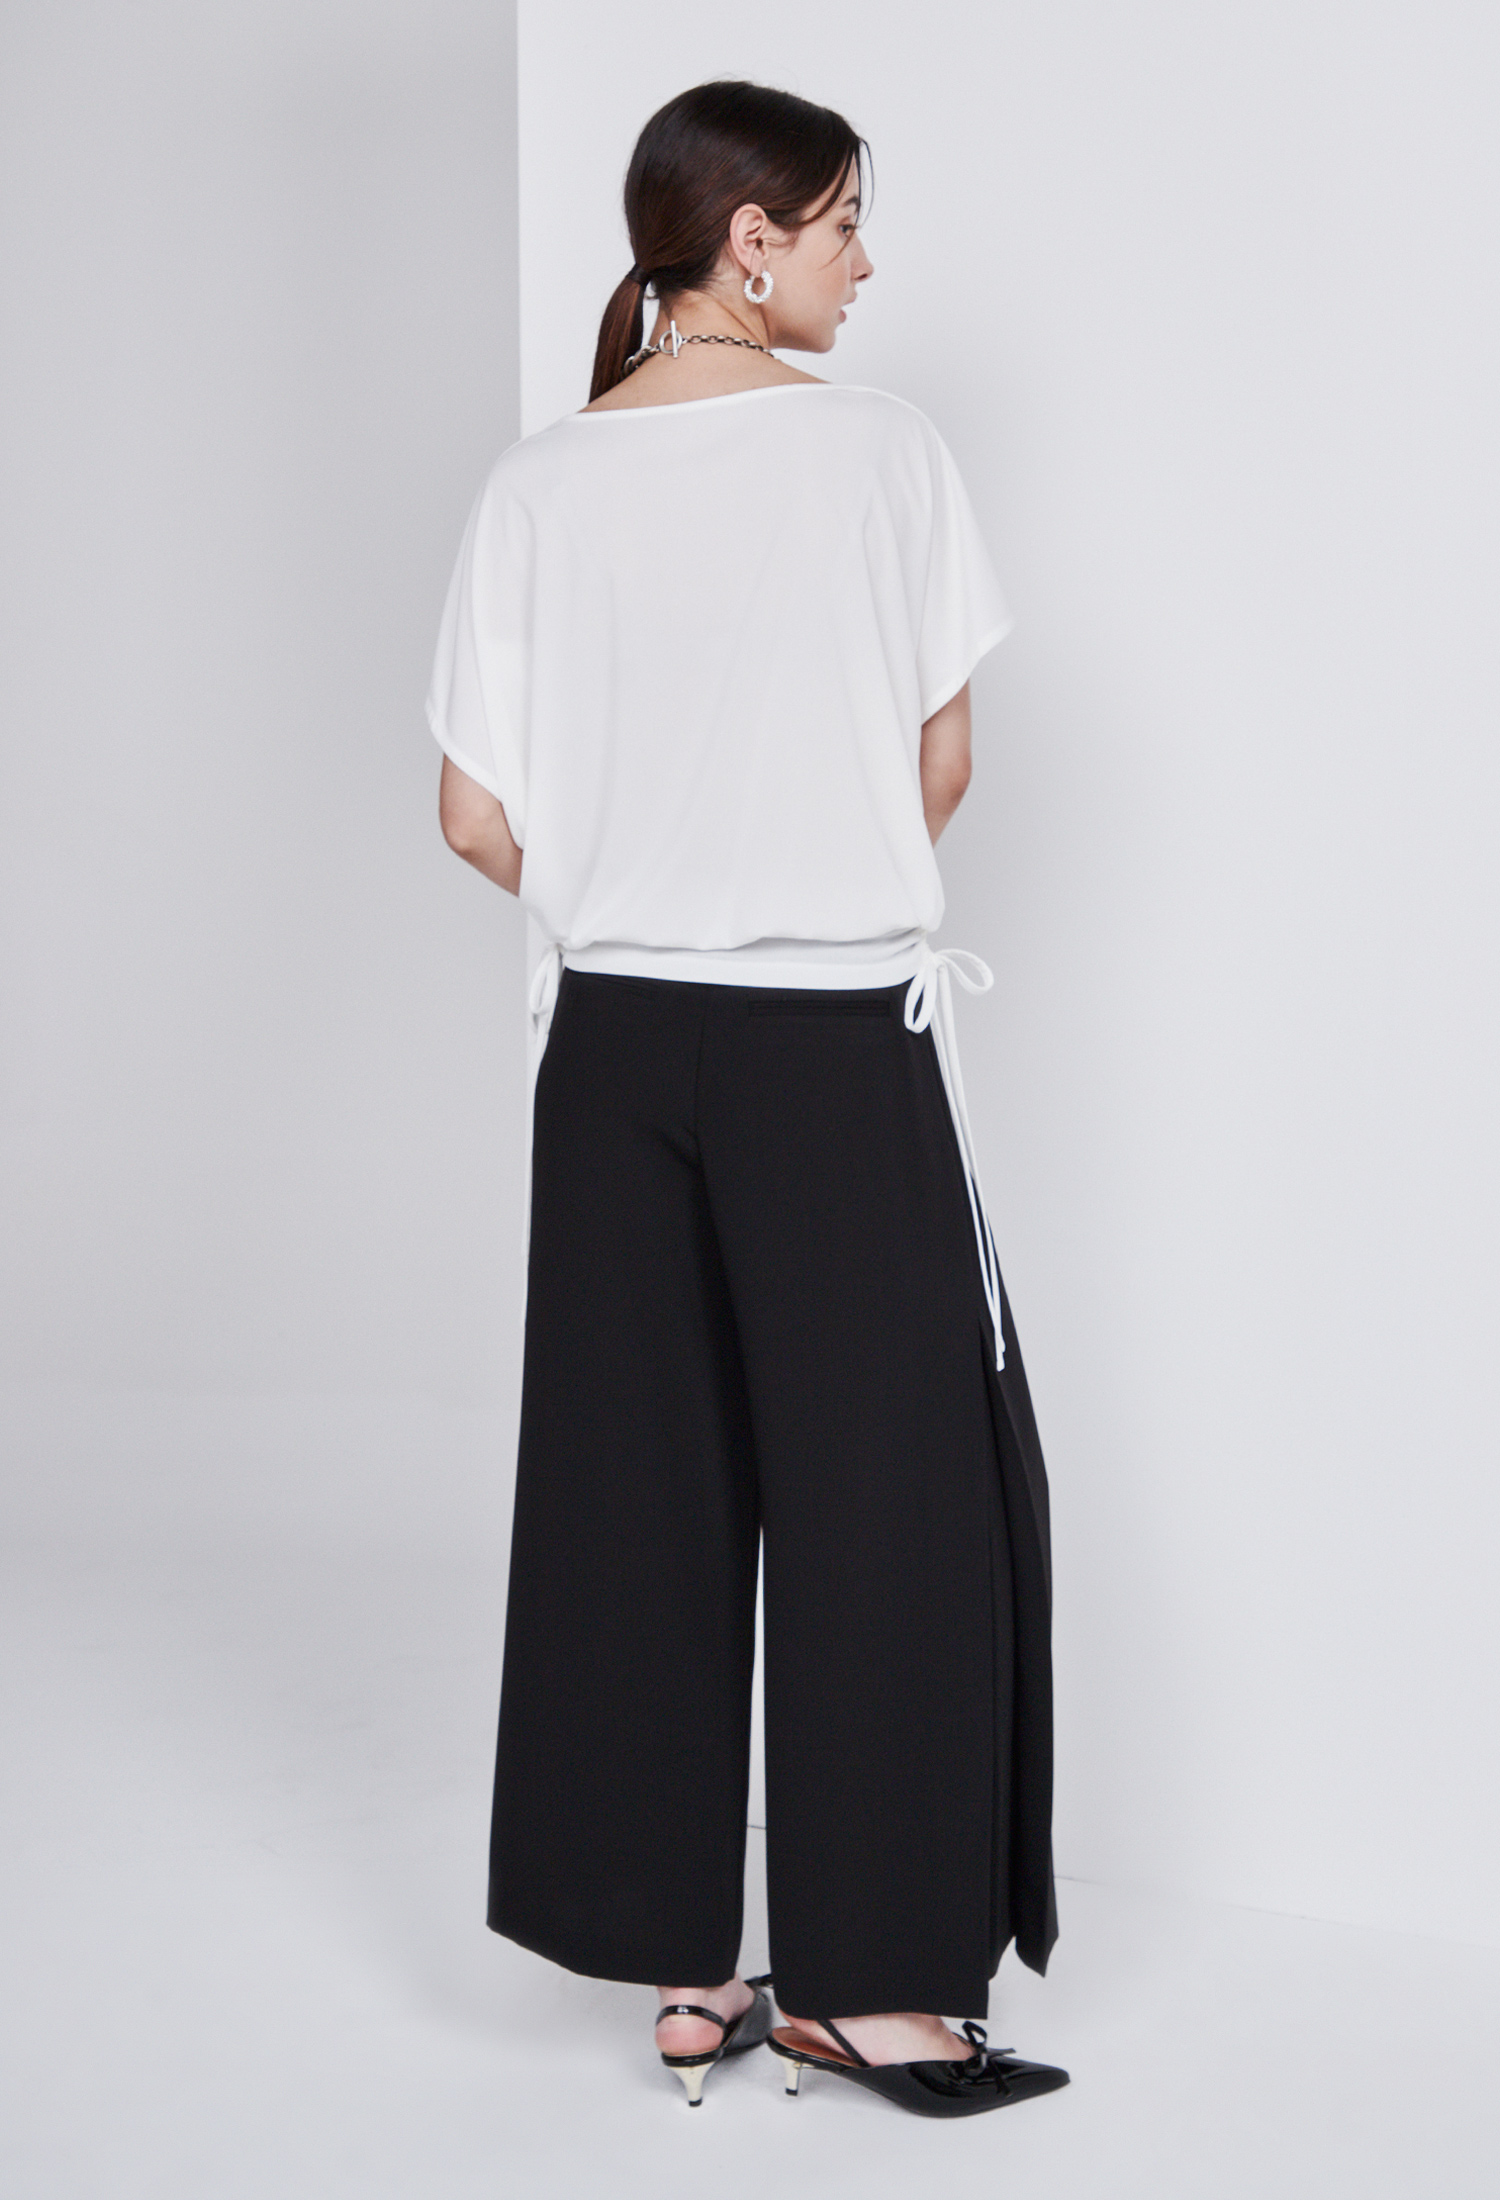 셔링 스트링 티셔츠 (WHITE)